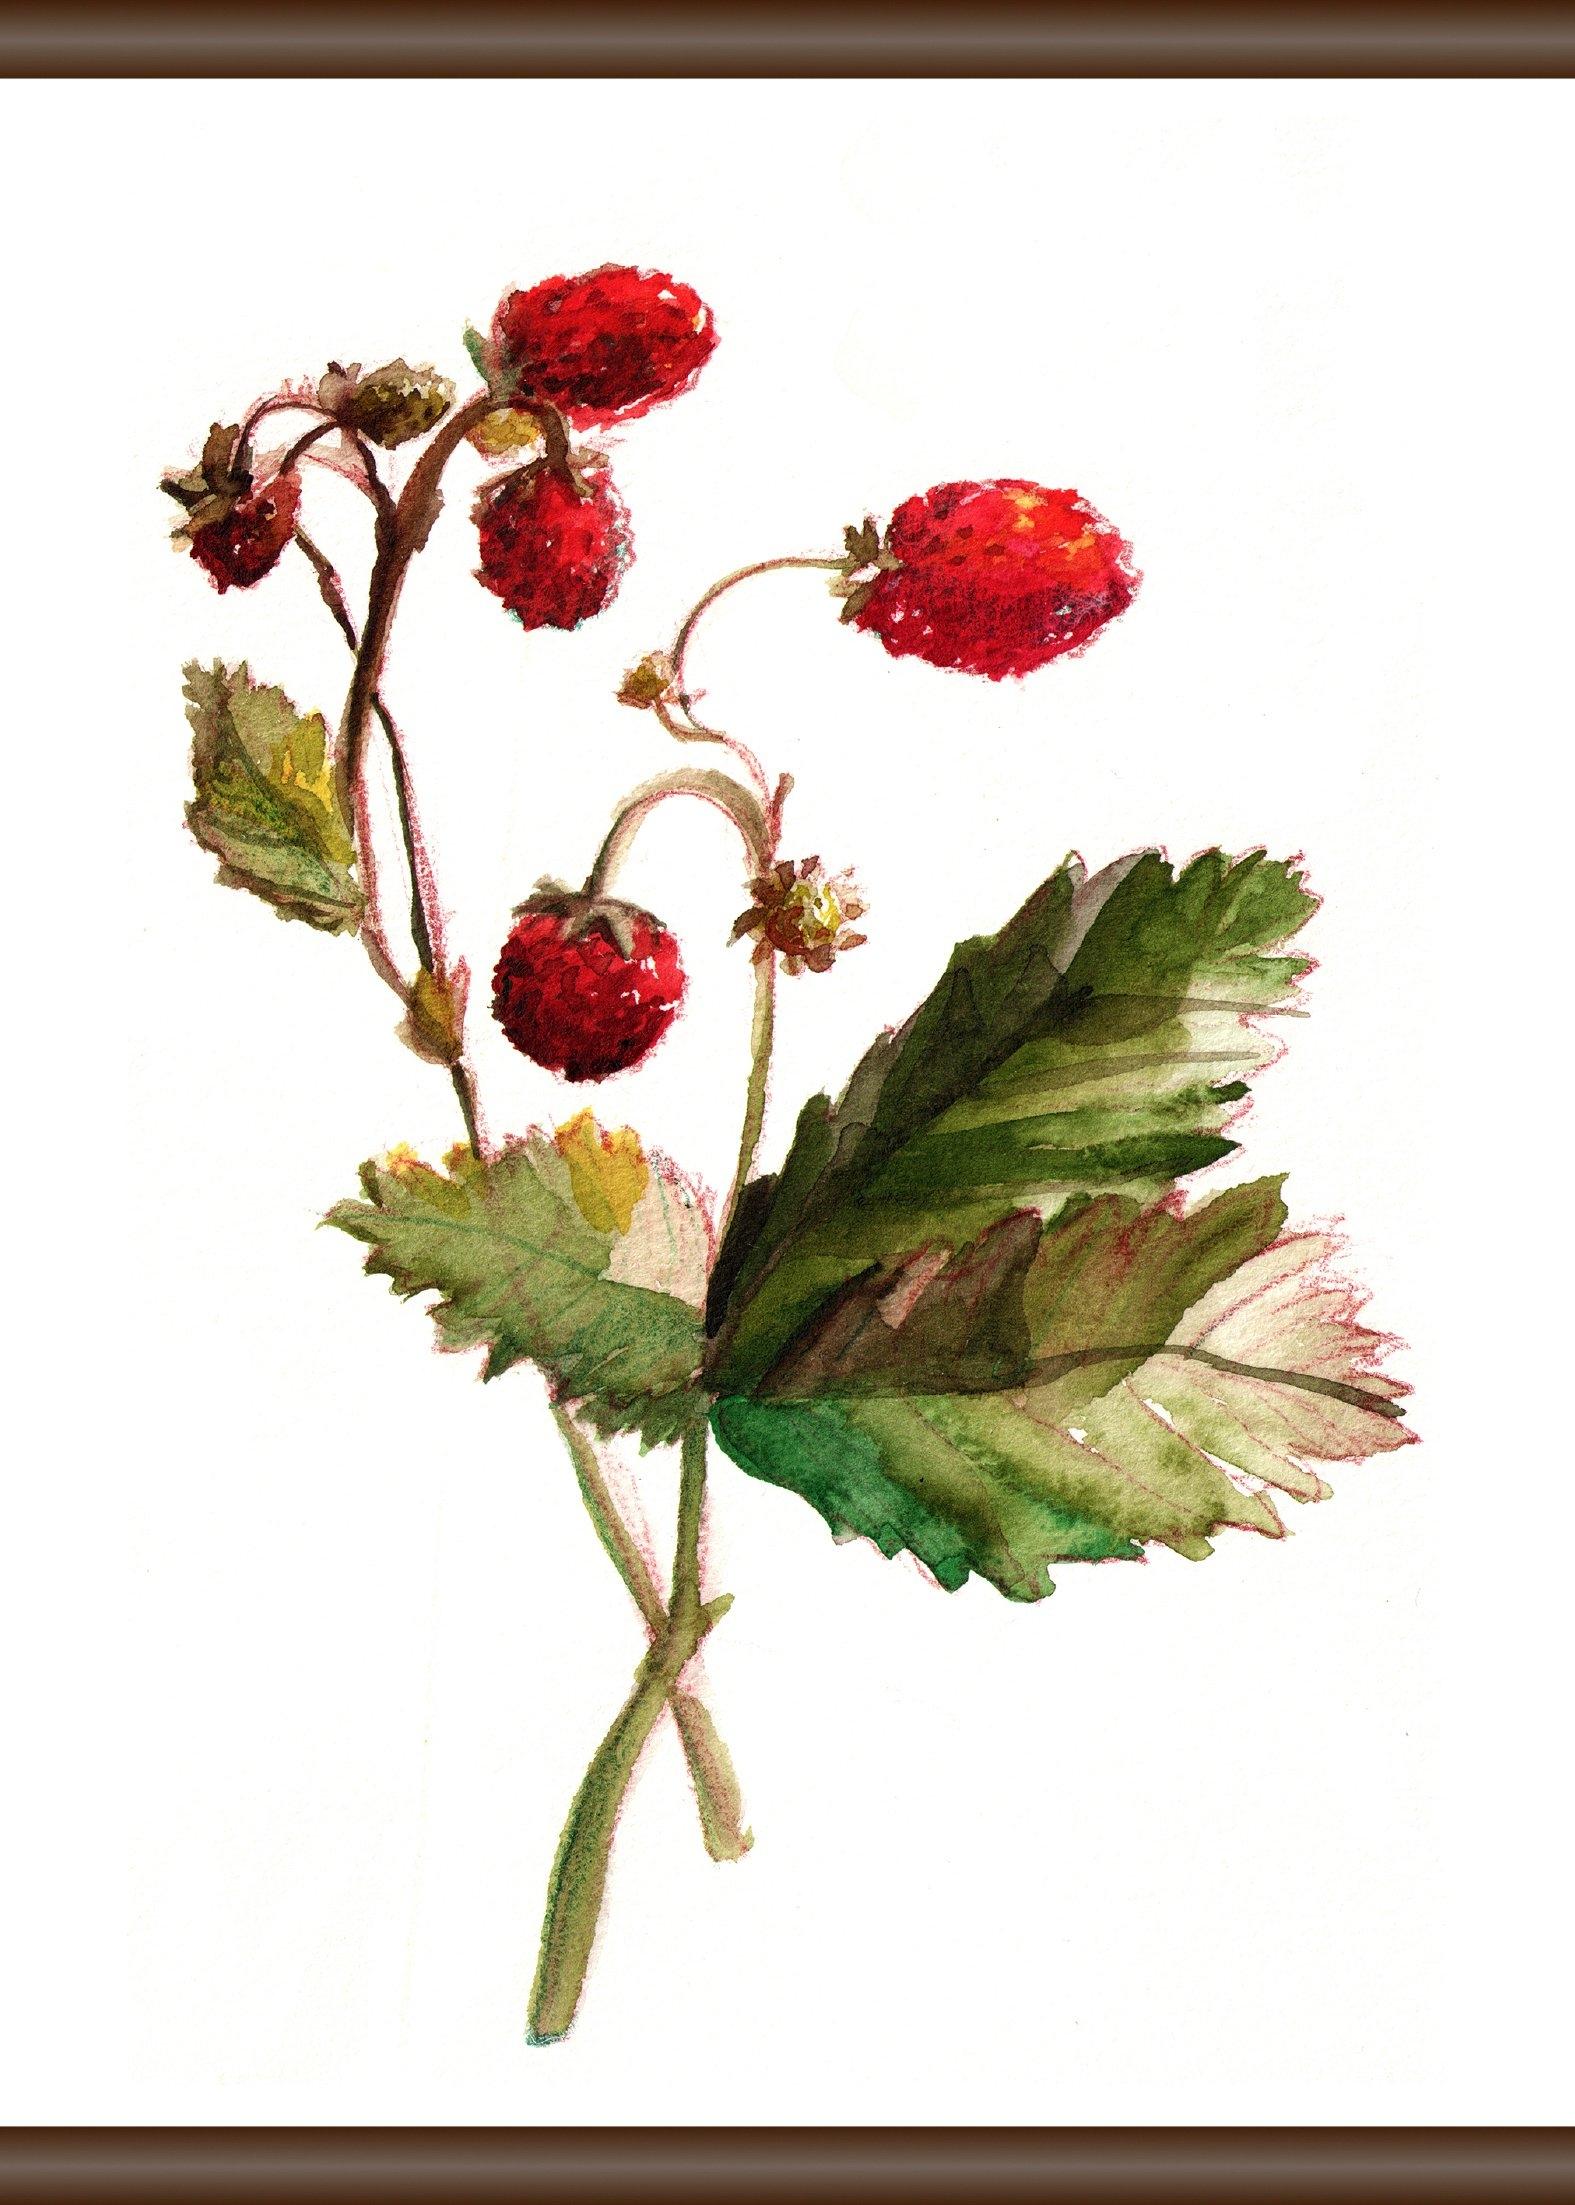 Queence Wanddecoratie op linnen »Aardbeiplant«, artprint op linnen 50x70 cm - gratis ruilen op otto.nl